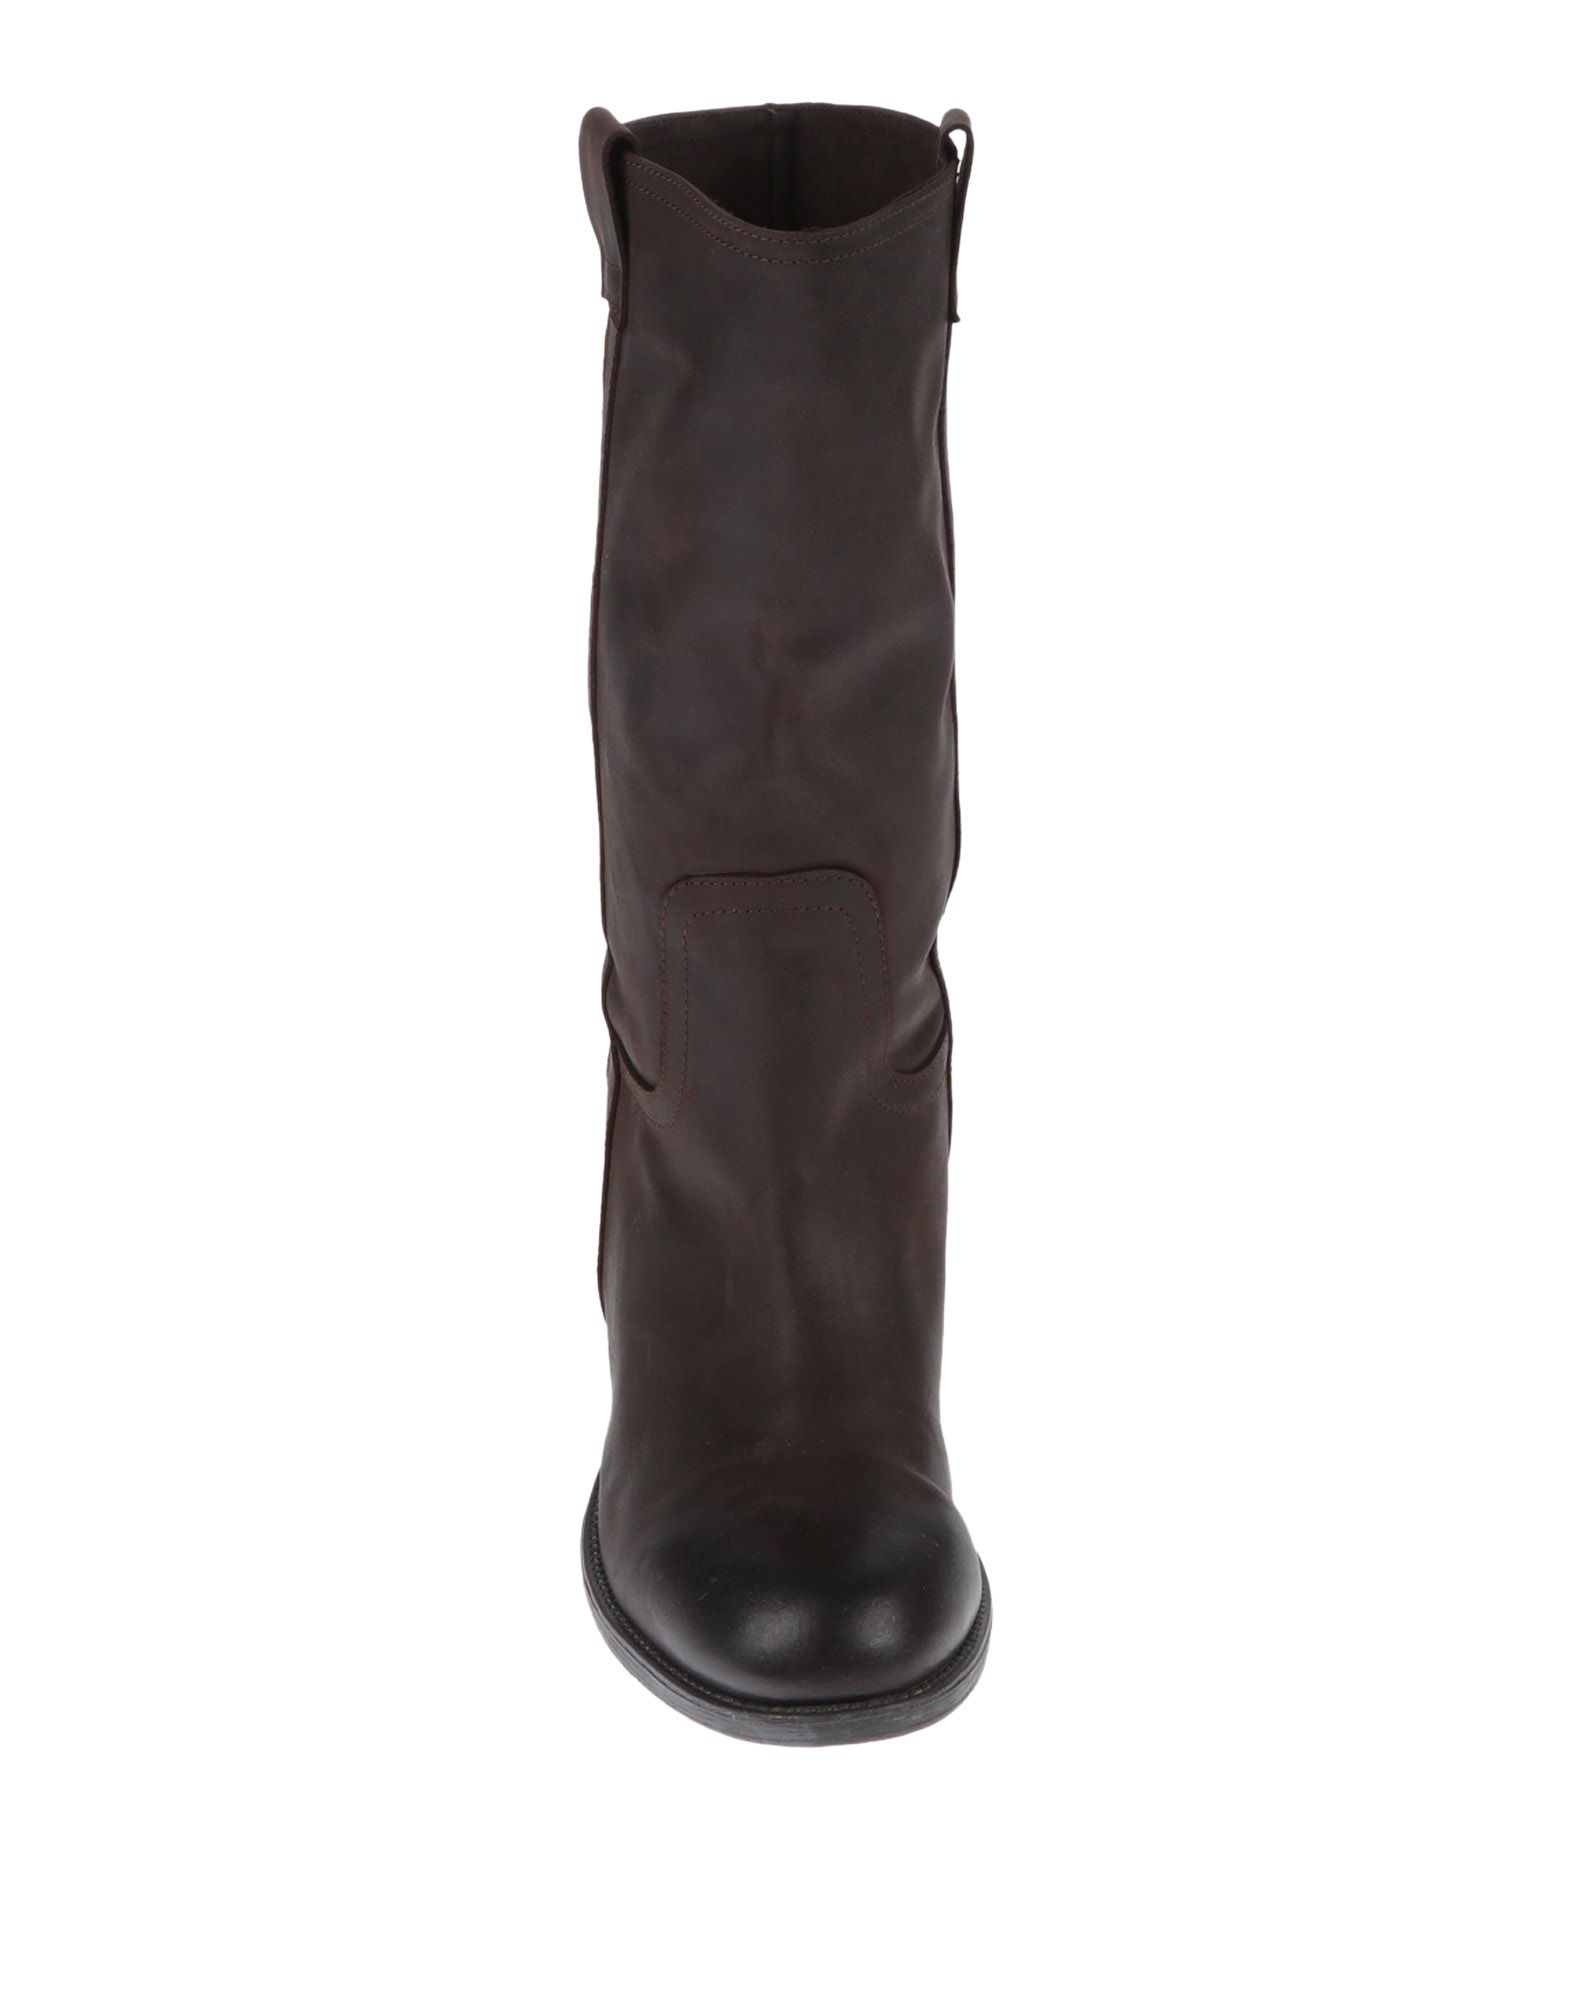 Jada Simon Stiefel beliebte Damen  11538030GA Gute Qualität beliebte Stiefel Schuhe 37f609